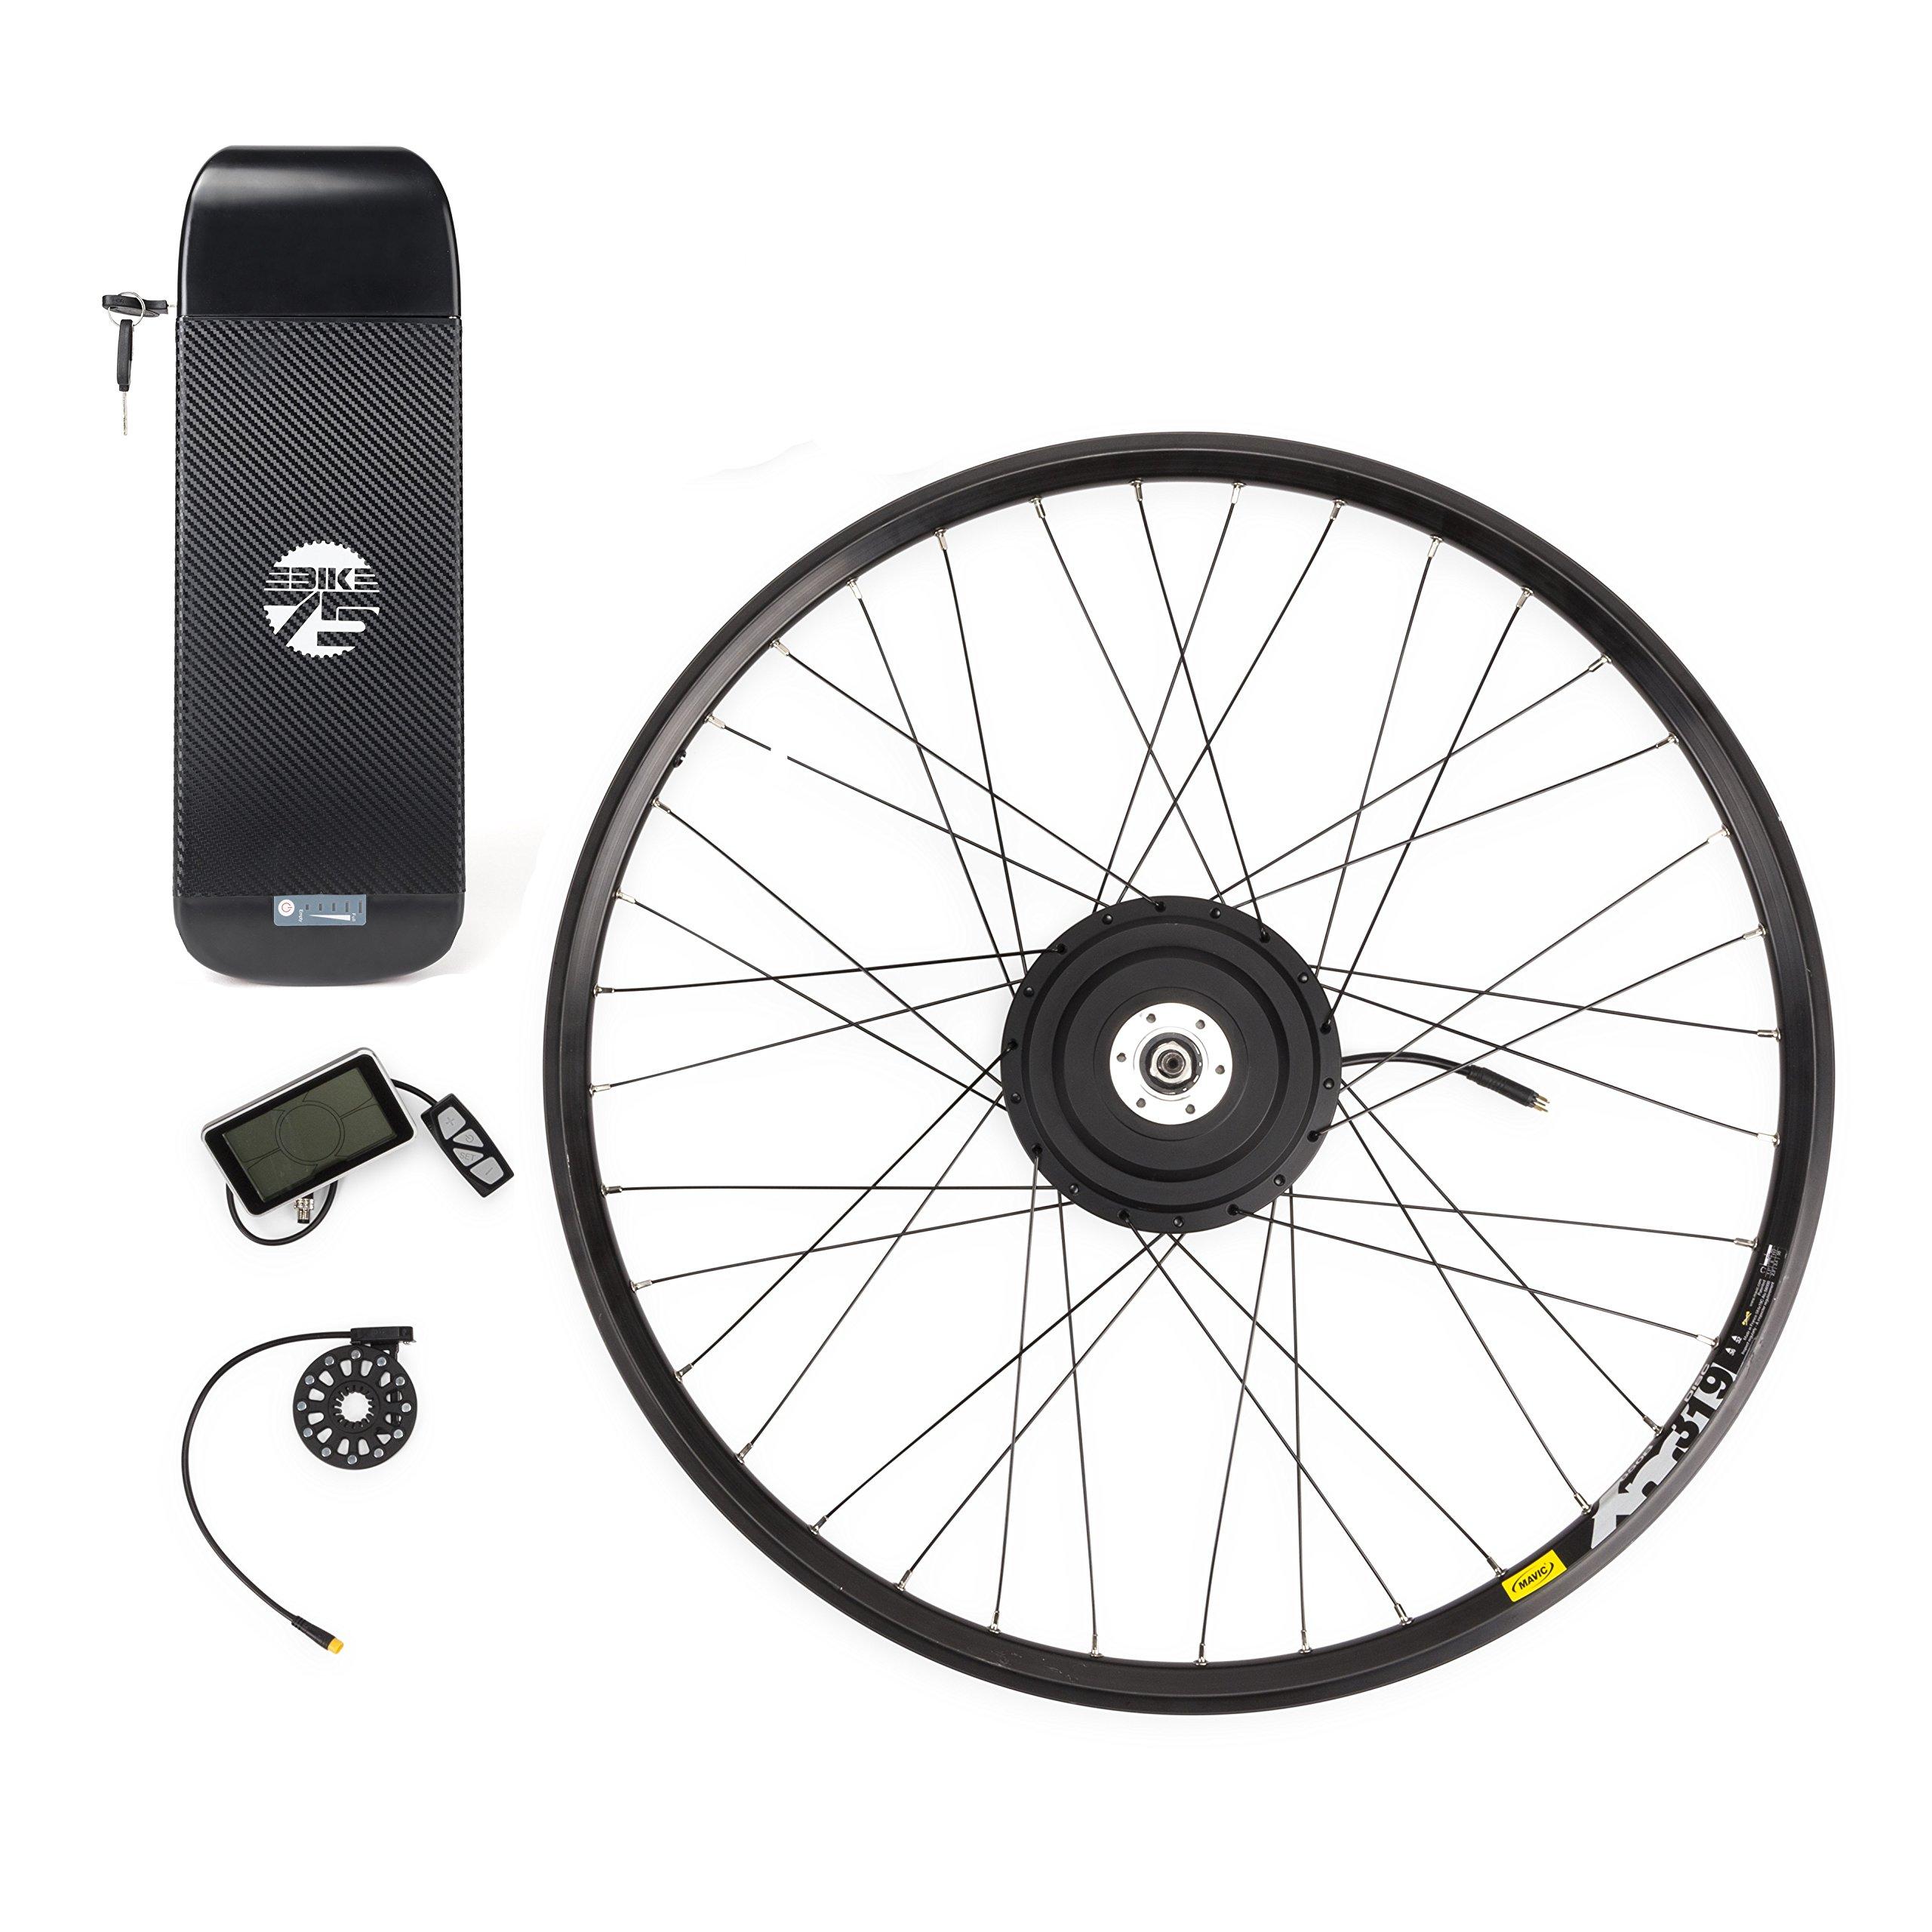 eBike75 02030201 Kit de Conversión a Bicicleta Eléctrica, Unisex ...